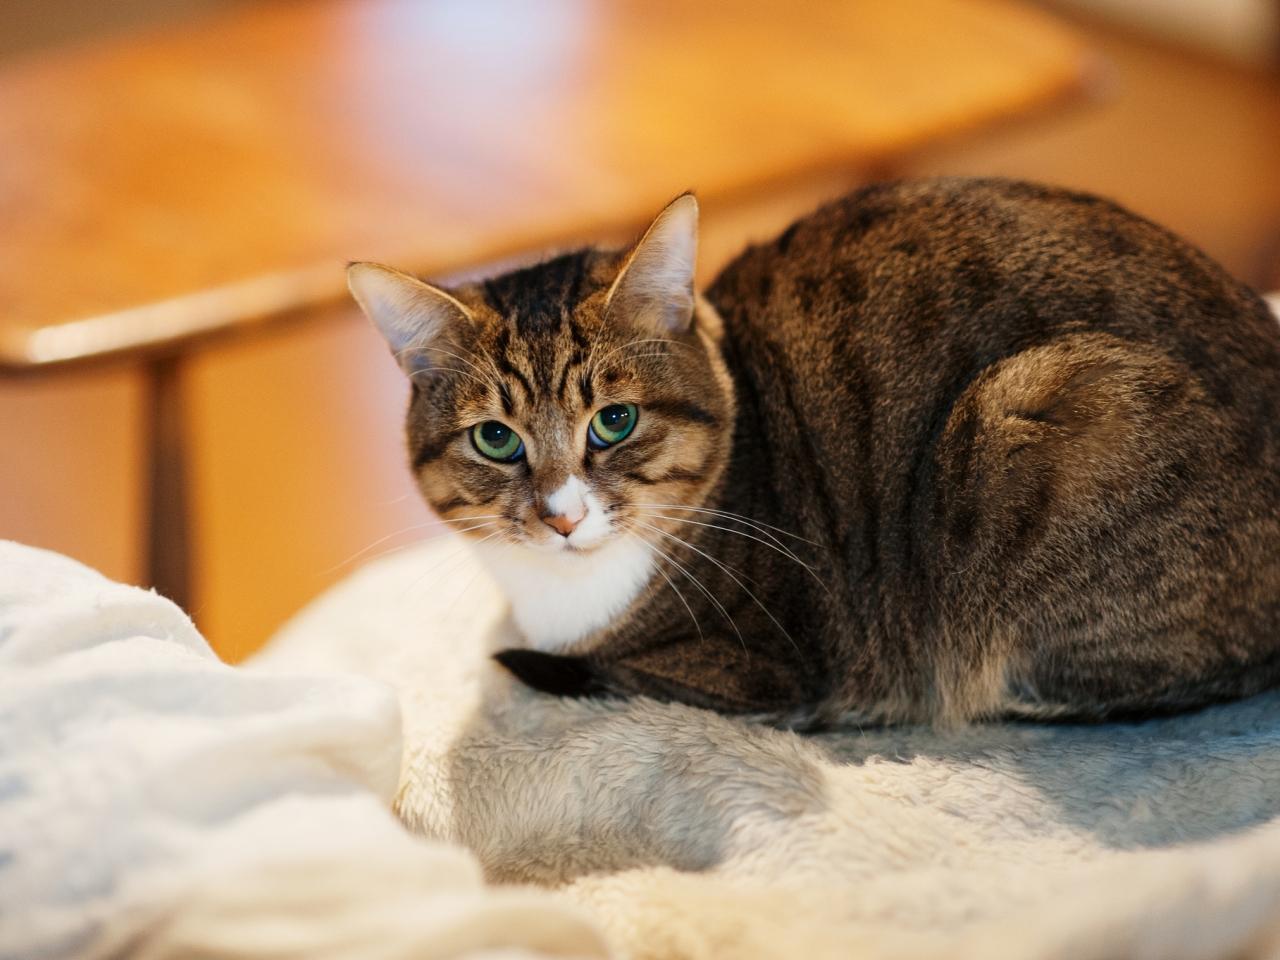 Un gato mirandote - 1280x960